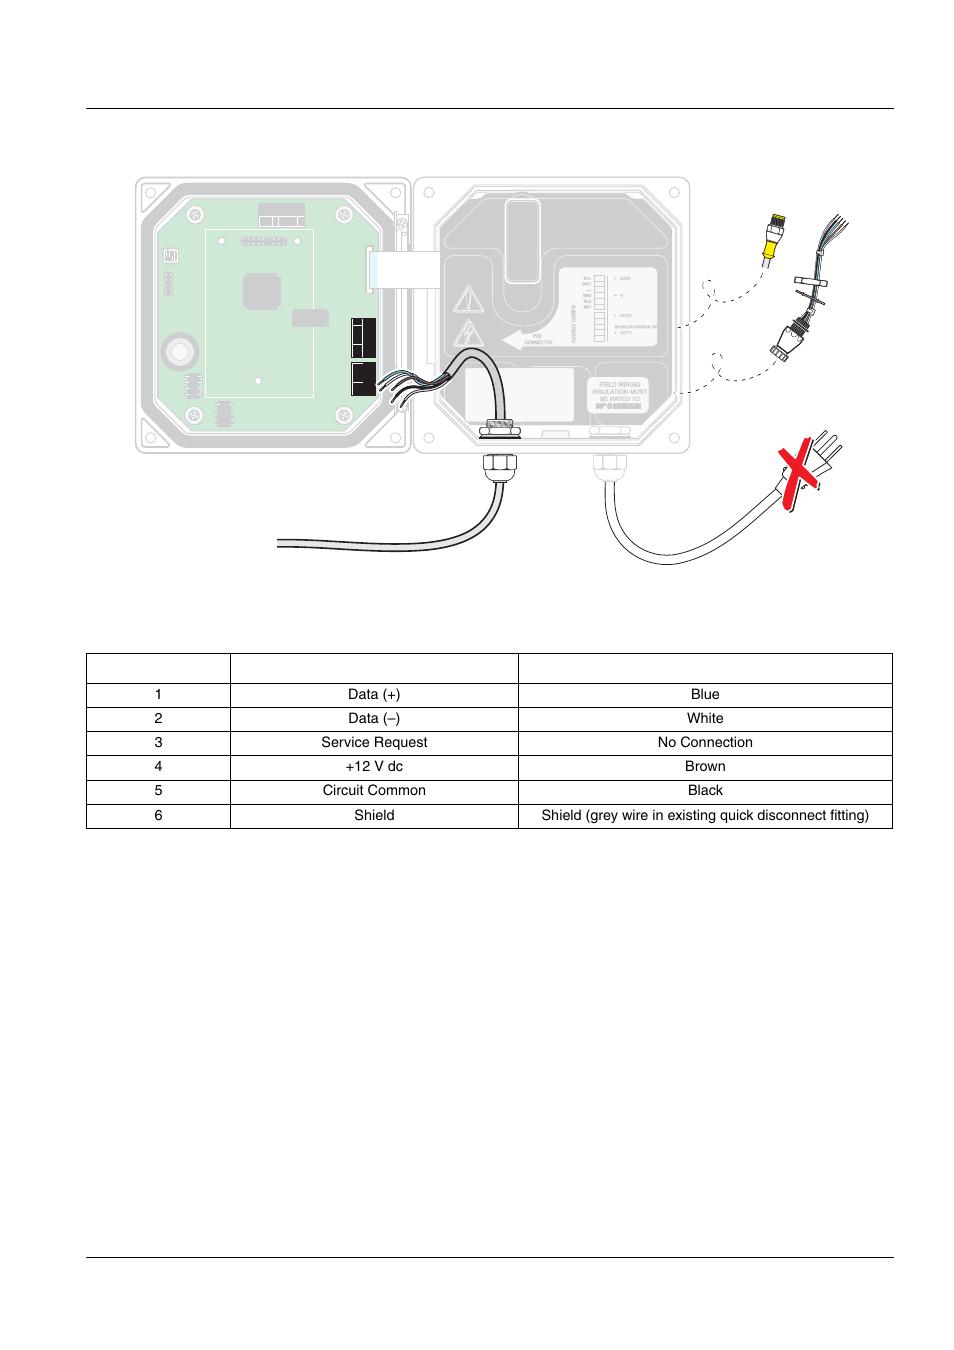 Singer Furnace Wiring Diagram On Singer Heater Wiring Diagram